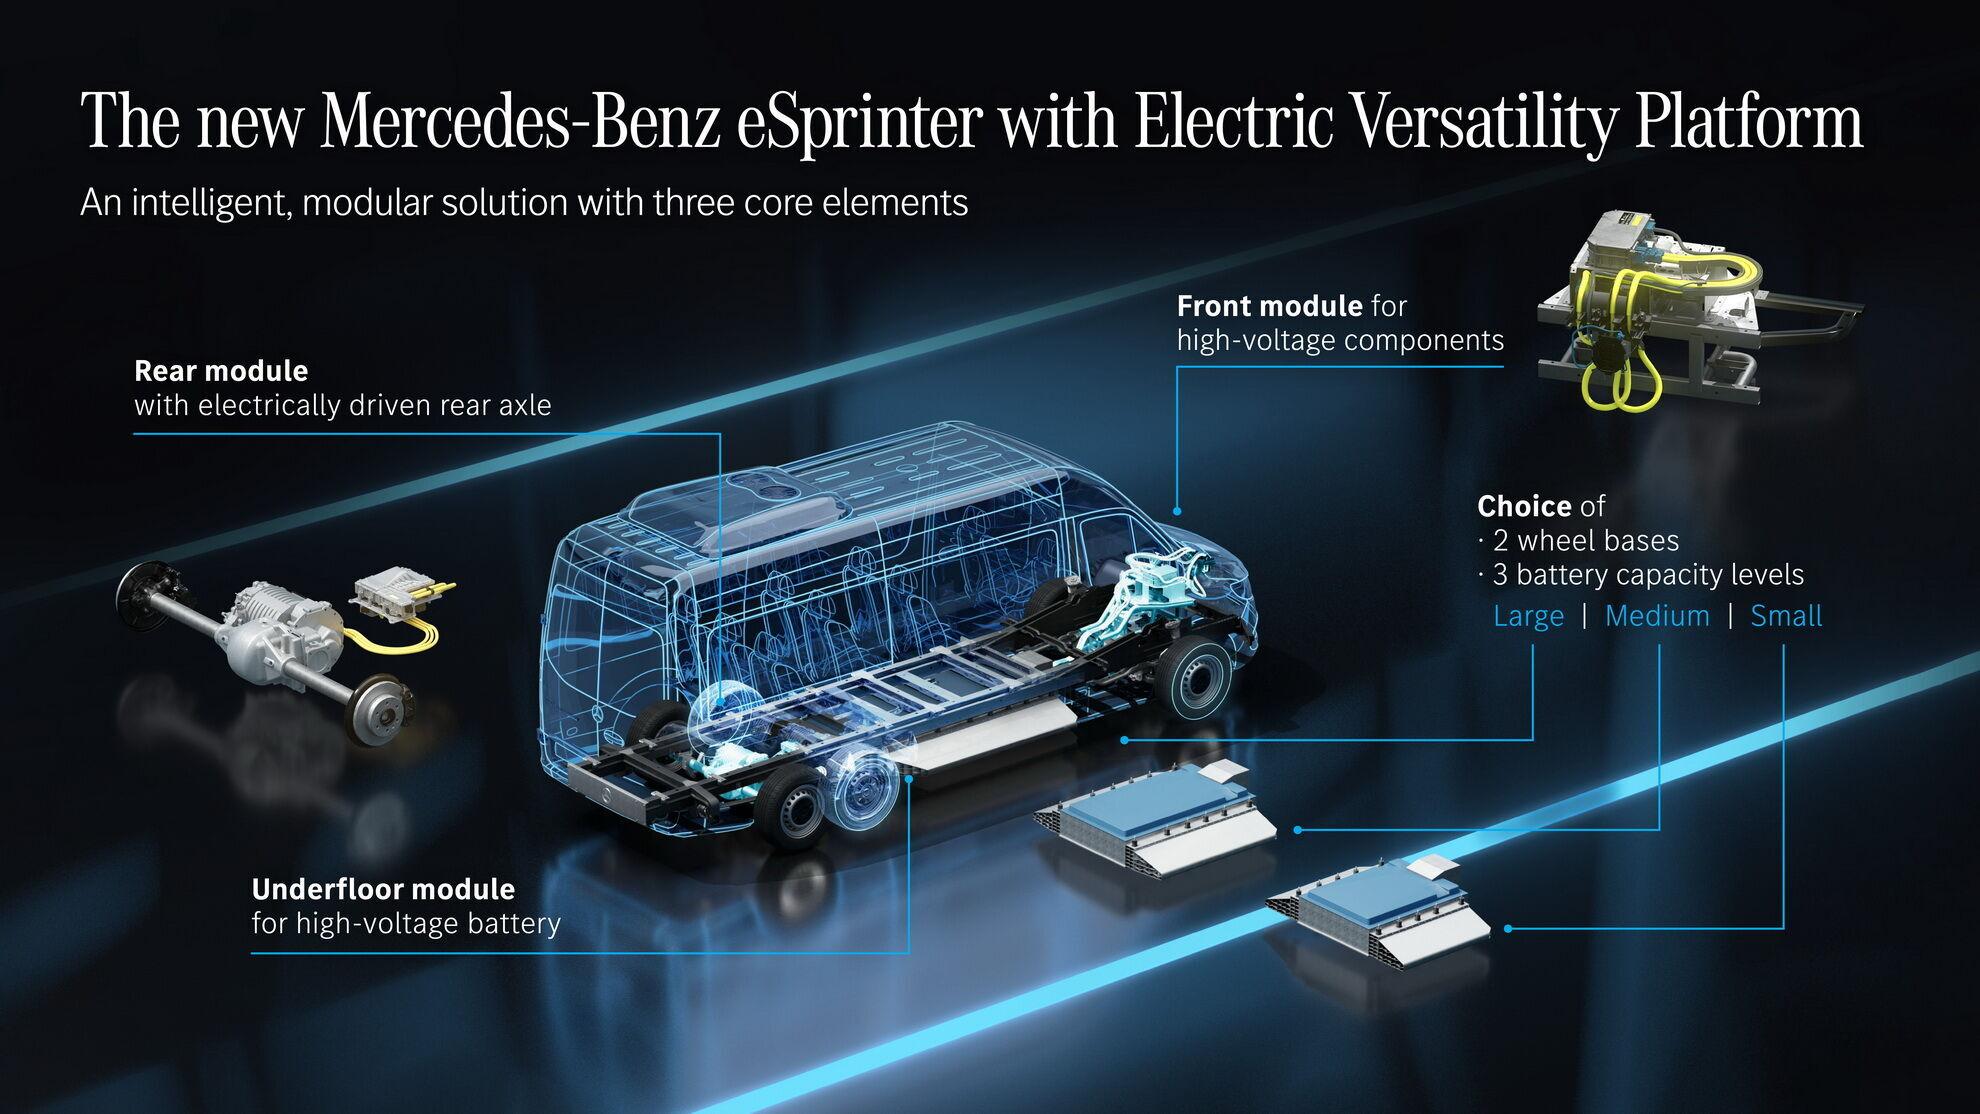 Покупателям будут предложены три варианта батарей и два варианта колесной базы